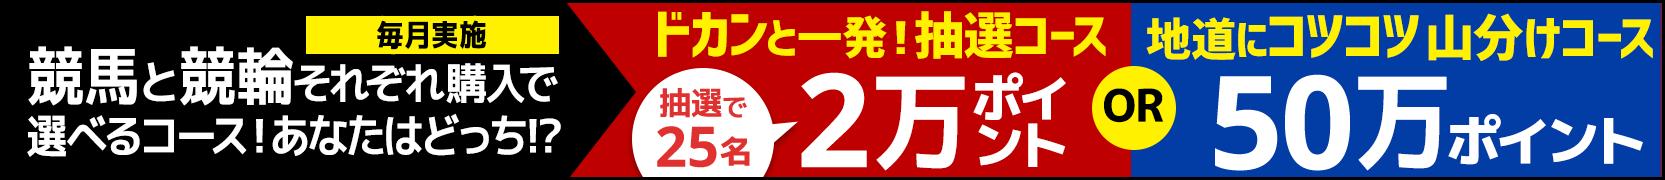 競馬&競輪 共同キャンペーン(2019年2月)